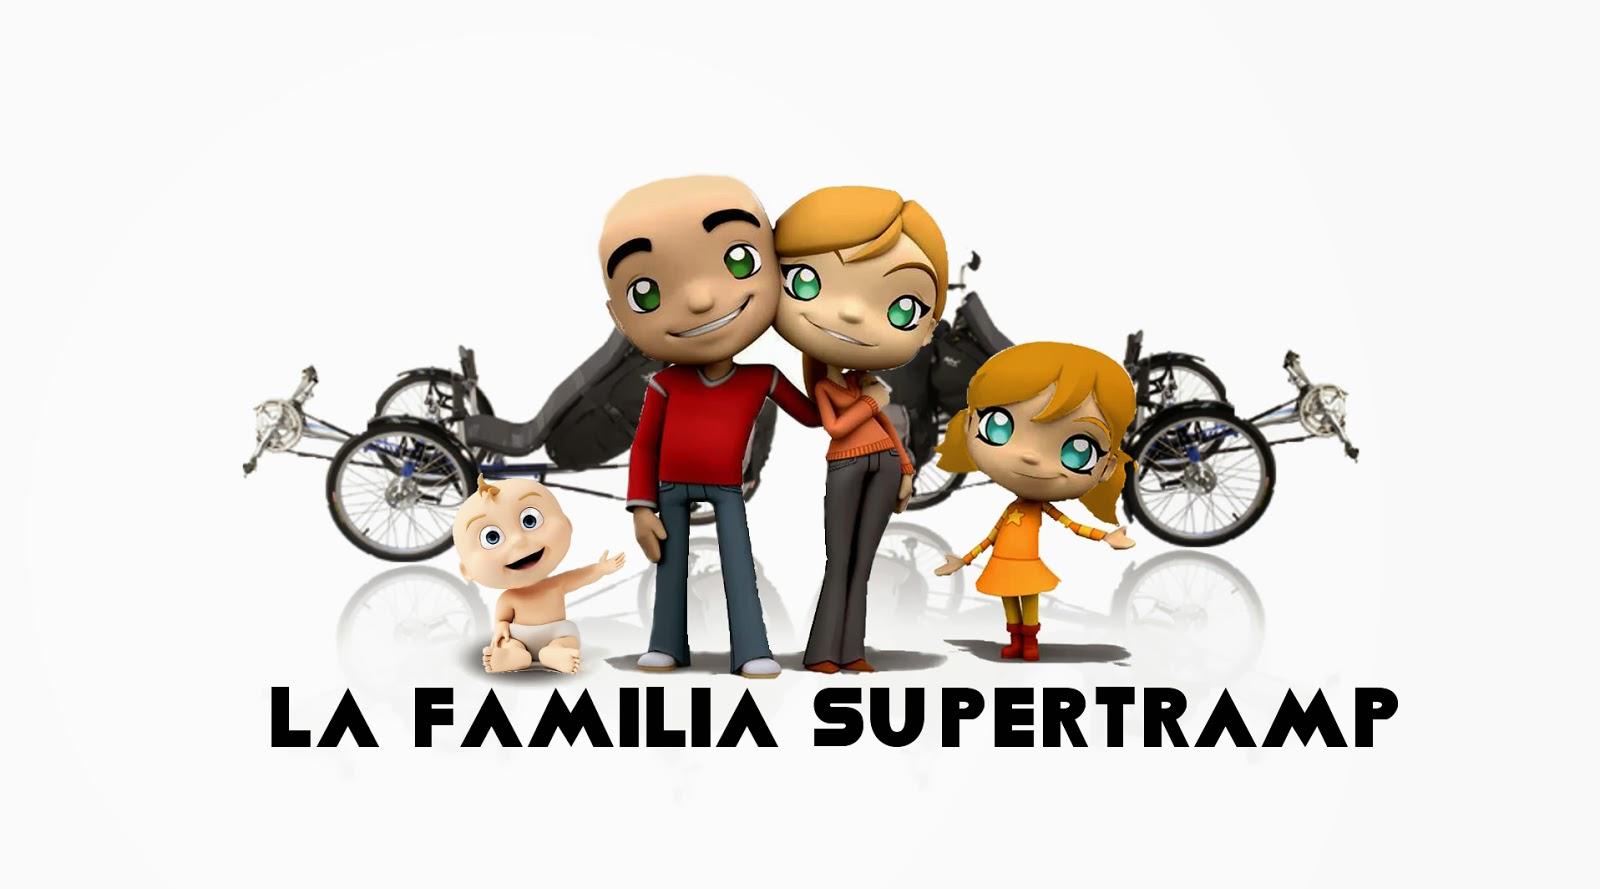 La Familia Supertramp